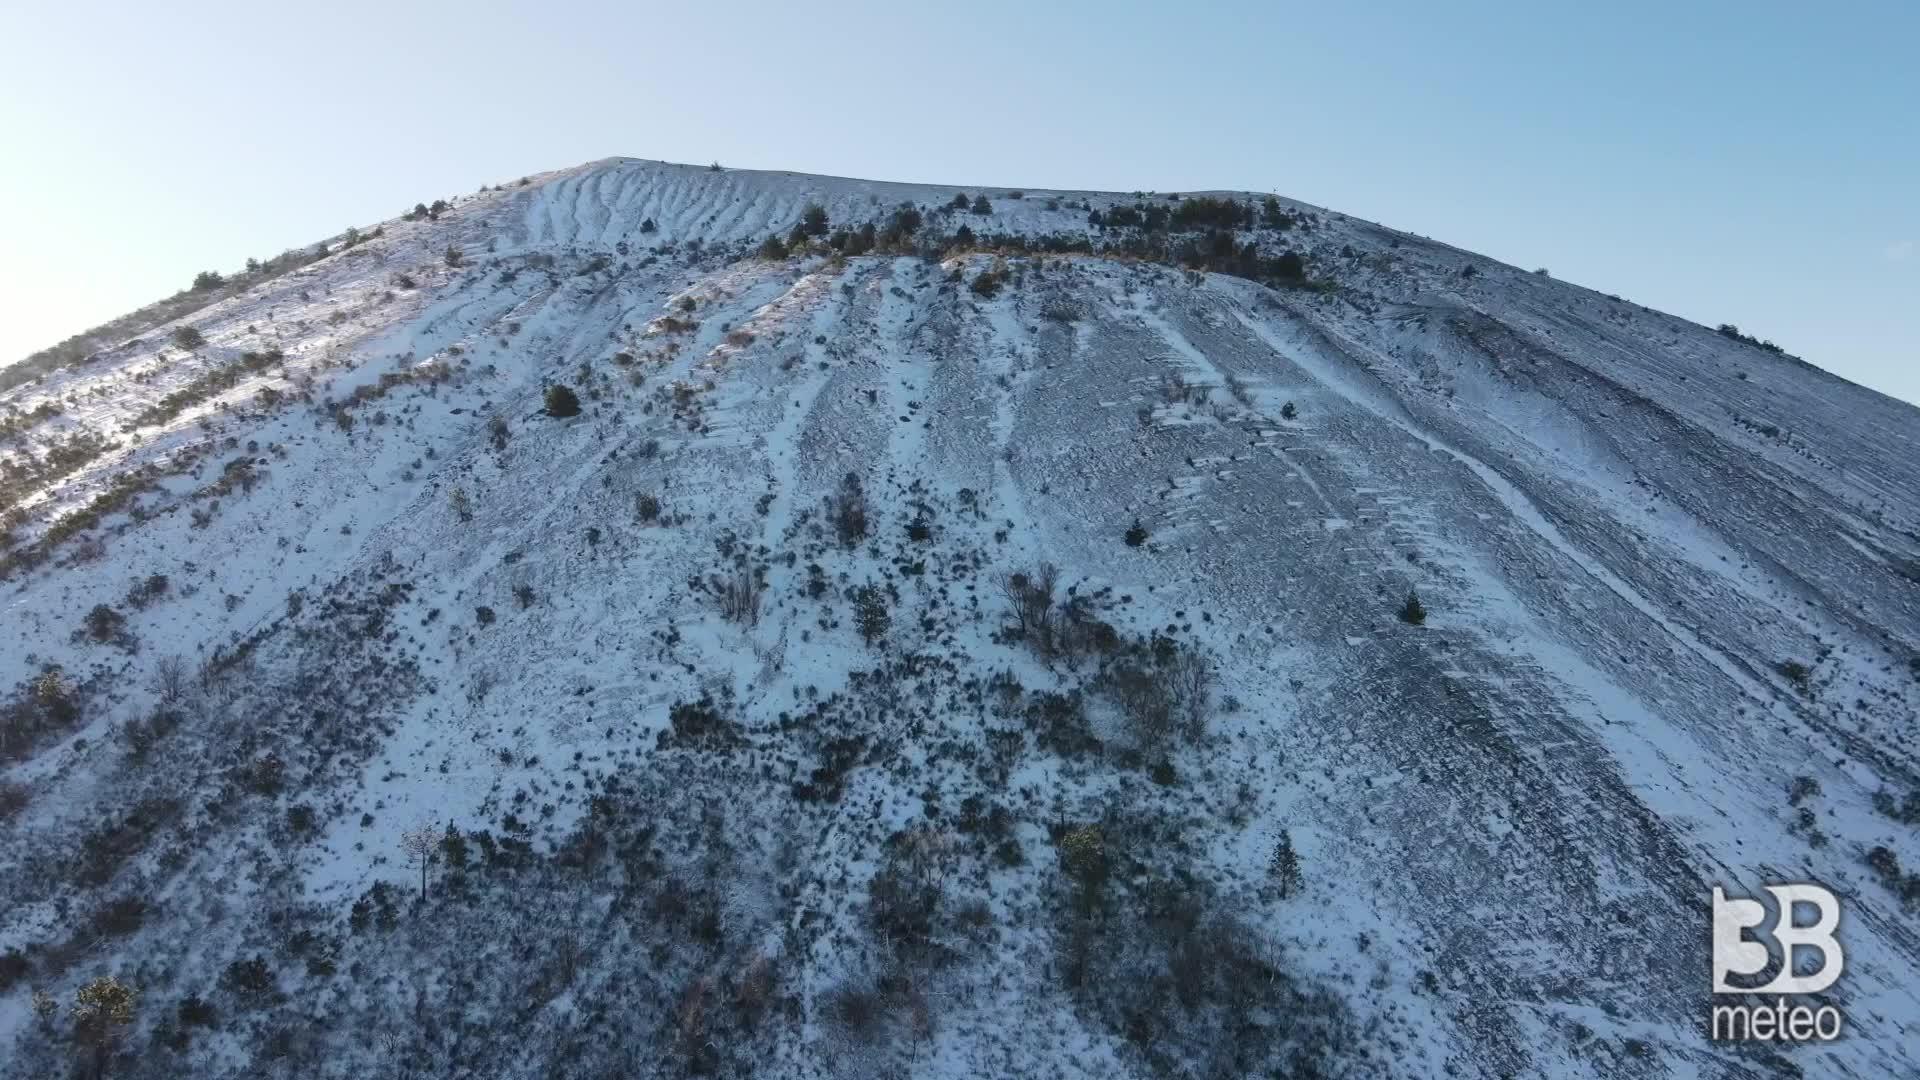 Il Vesuvio imbiancato dalla neve: le immagini dal drone